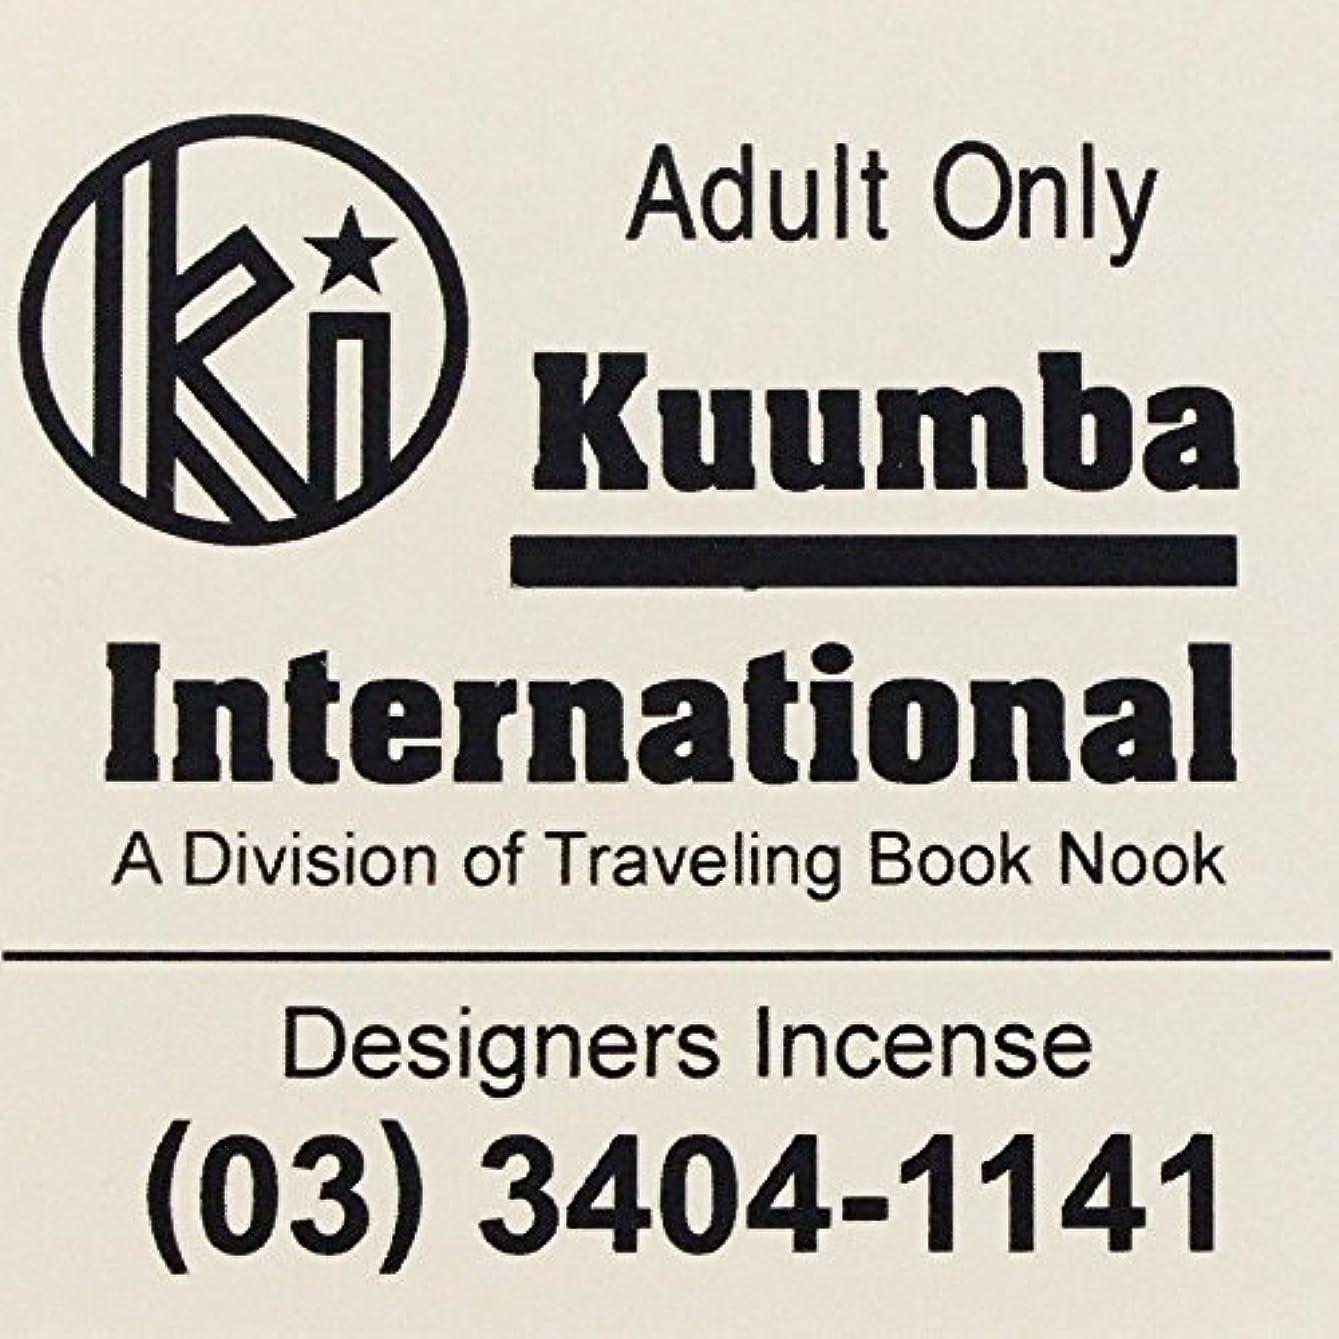 群衆満足シャット(クンバ) KUUMBA『incense』(Adult Only) (Regular size)